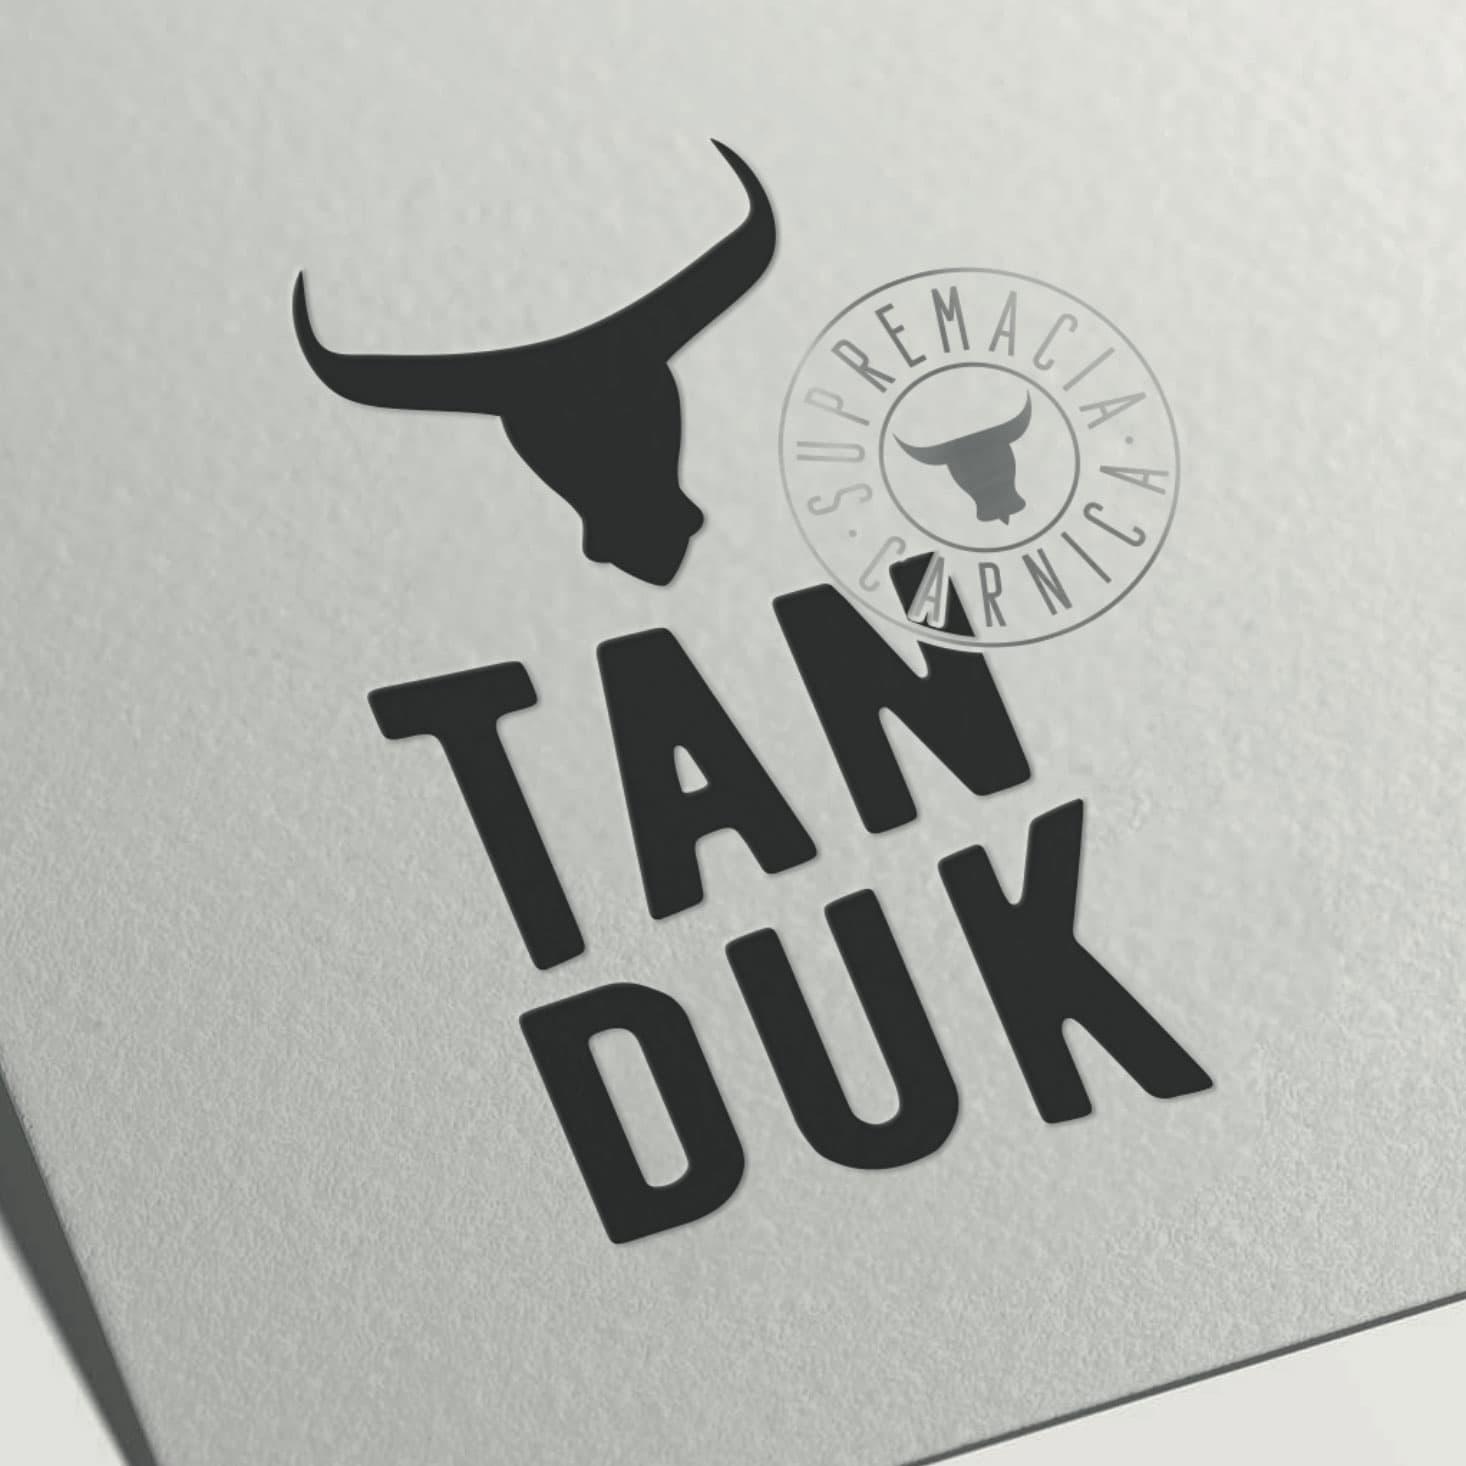 Naming, Diseño de Logotipo, Manual de Logotipo, Identidad Corporativa, Boutique Cortes de Carne Tanduk Tampico Mexico, Lilian Feres Agencia Creativa